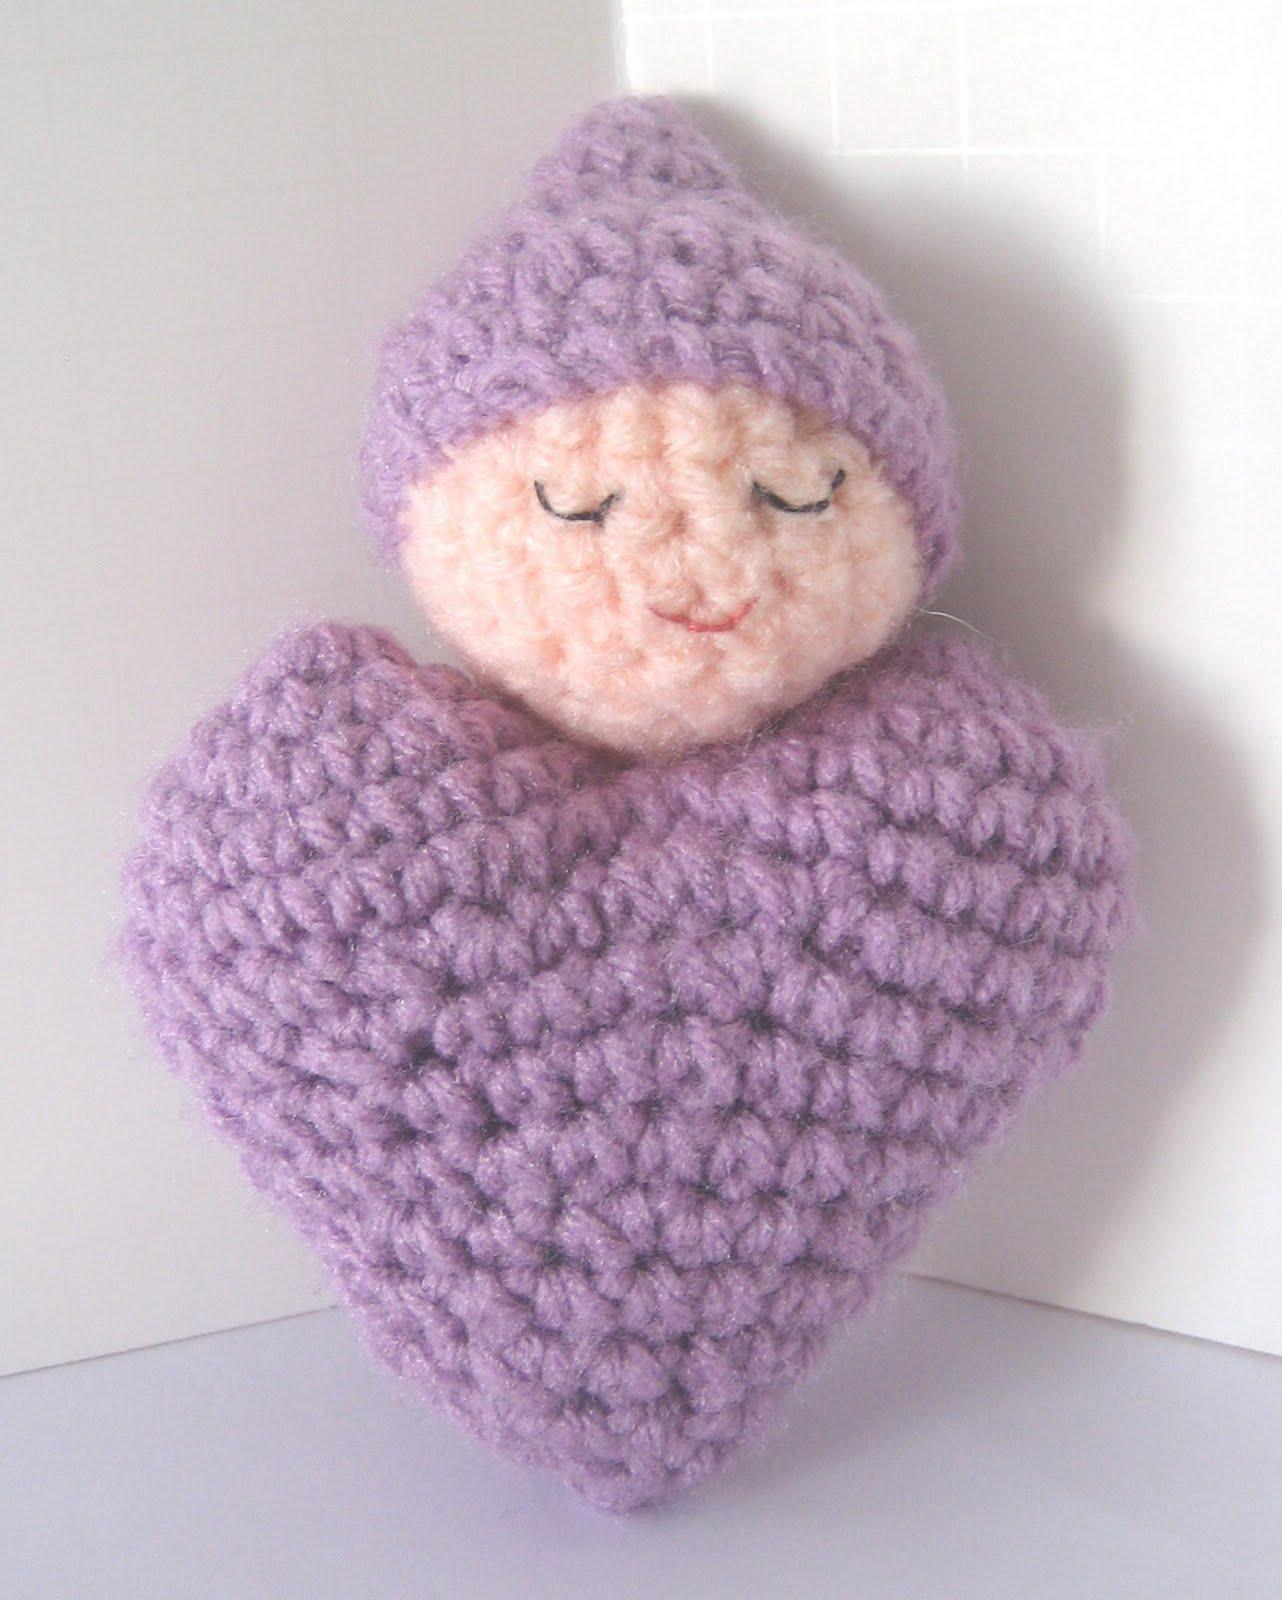 CROCHET N PLAY DESIGNS: Free Crochet Pattern: Heart Shaped Baby Doll